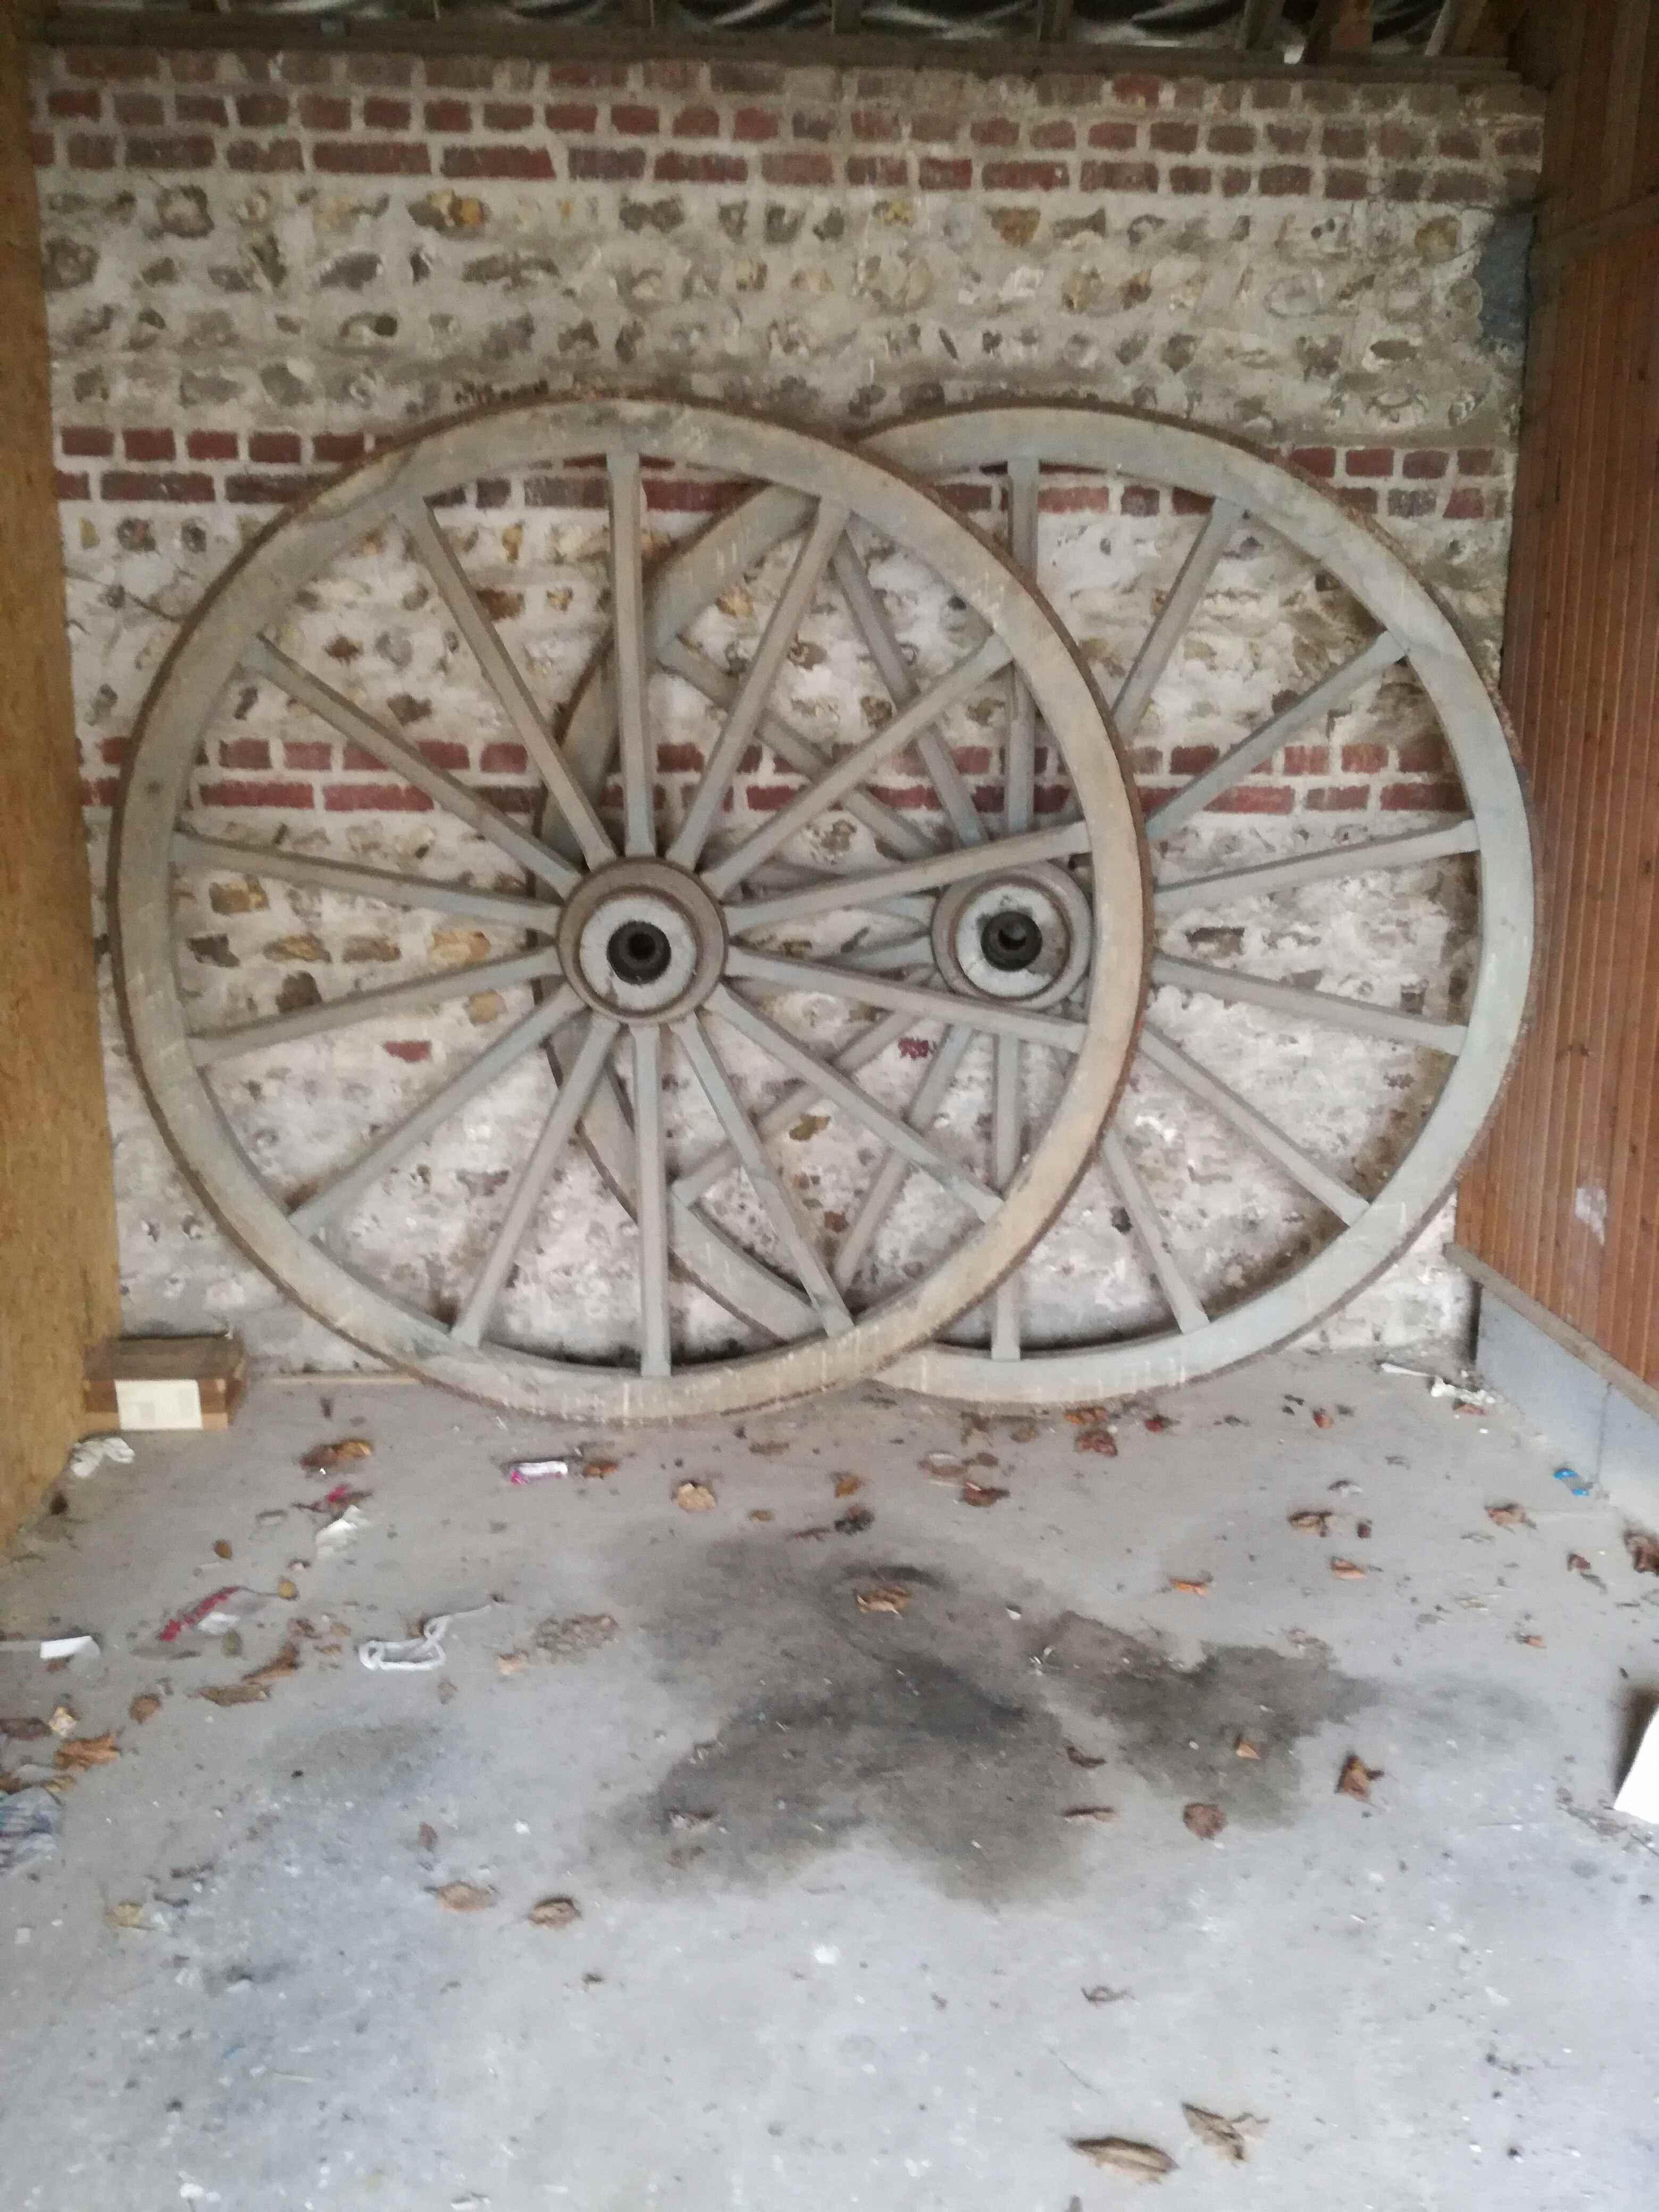 Mon debarras criquetot l 39 esneval 76 annonces achat vente d 39 occasion sur paruvendu mondebarras - Roue de charette decoration ...